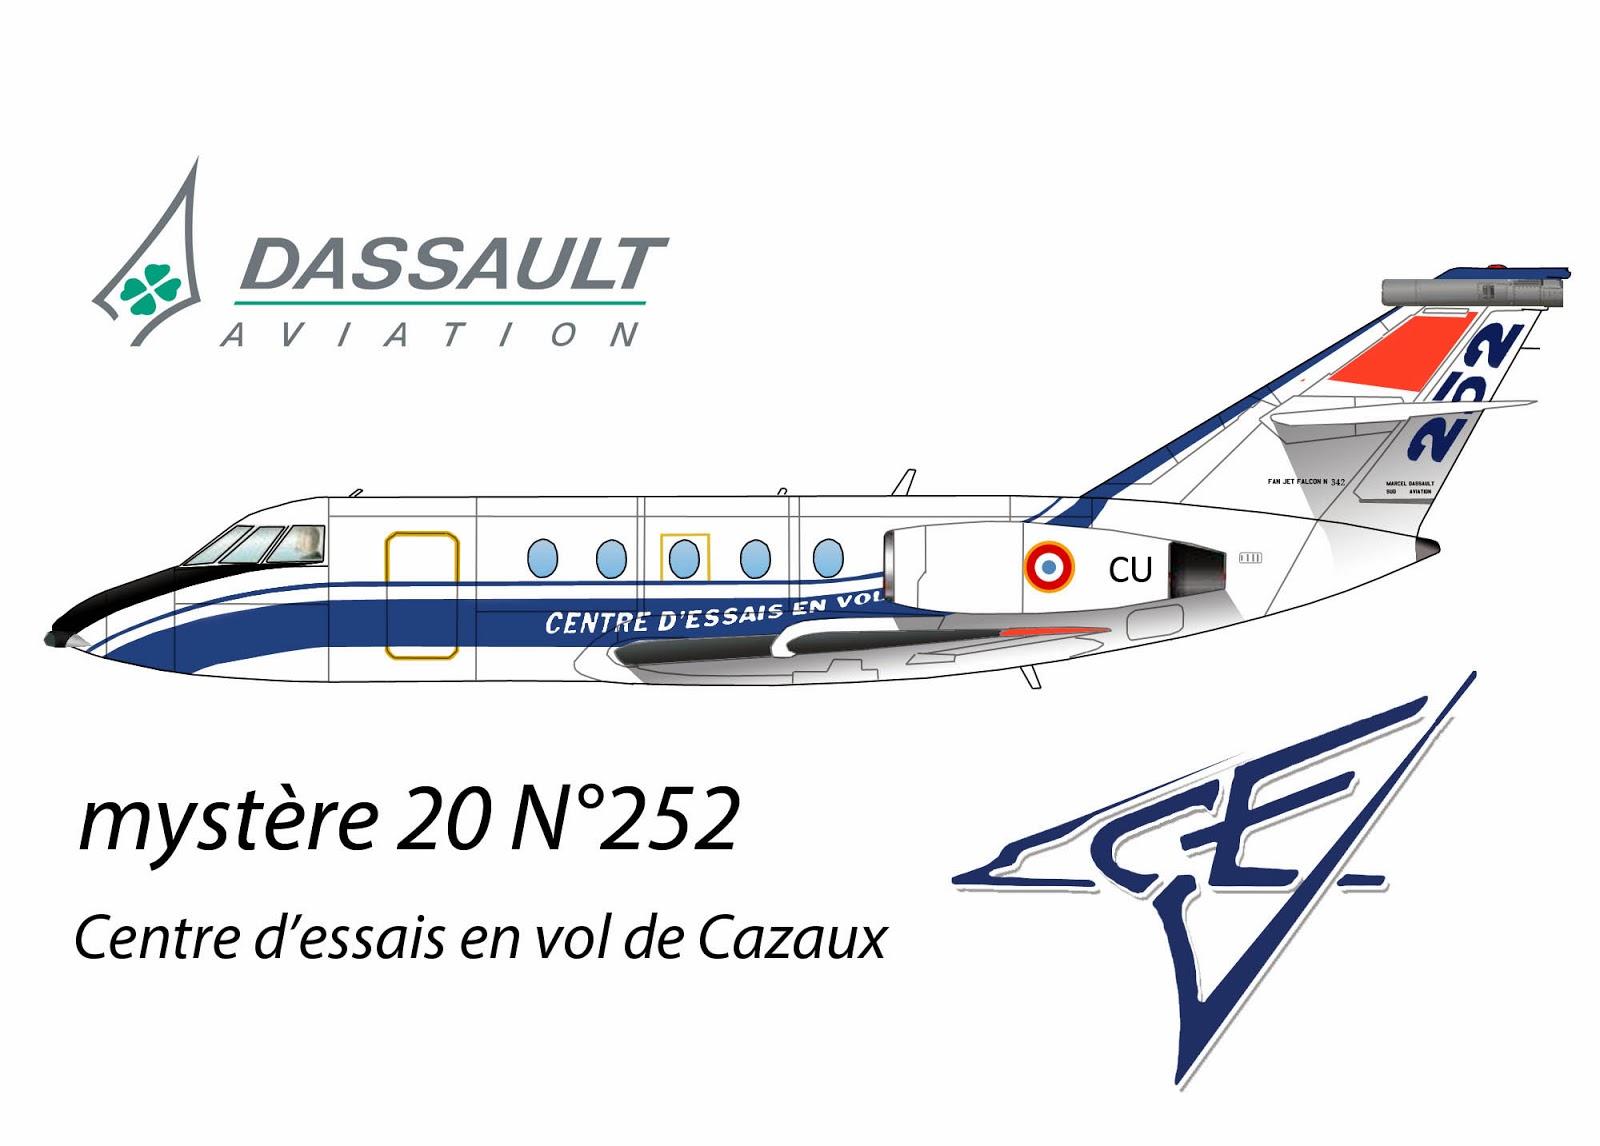 Dassault Mystère 20 N°252 /CU